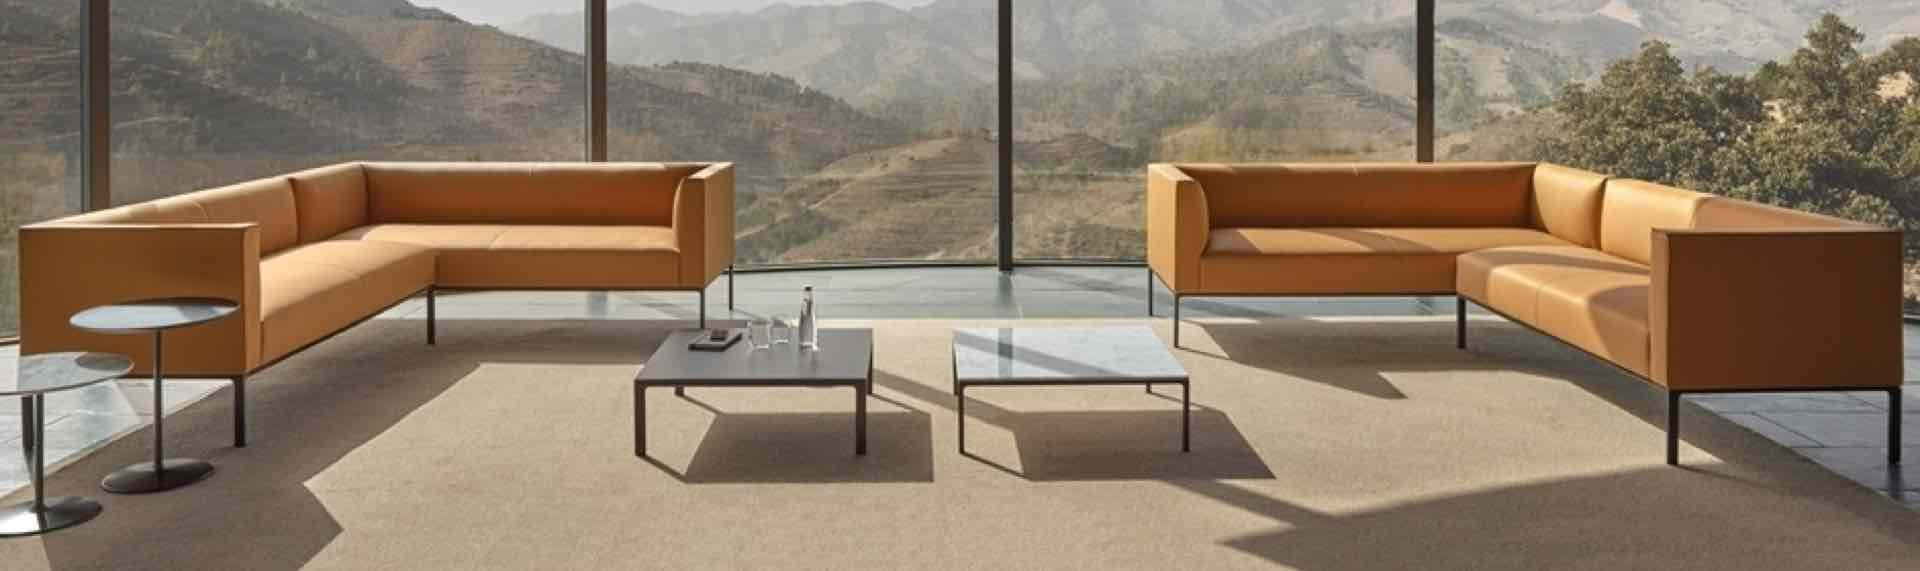 Andreu World - Spanisches zeitgenössisches Design